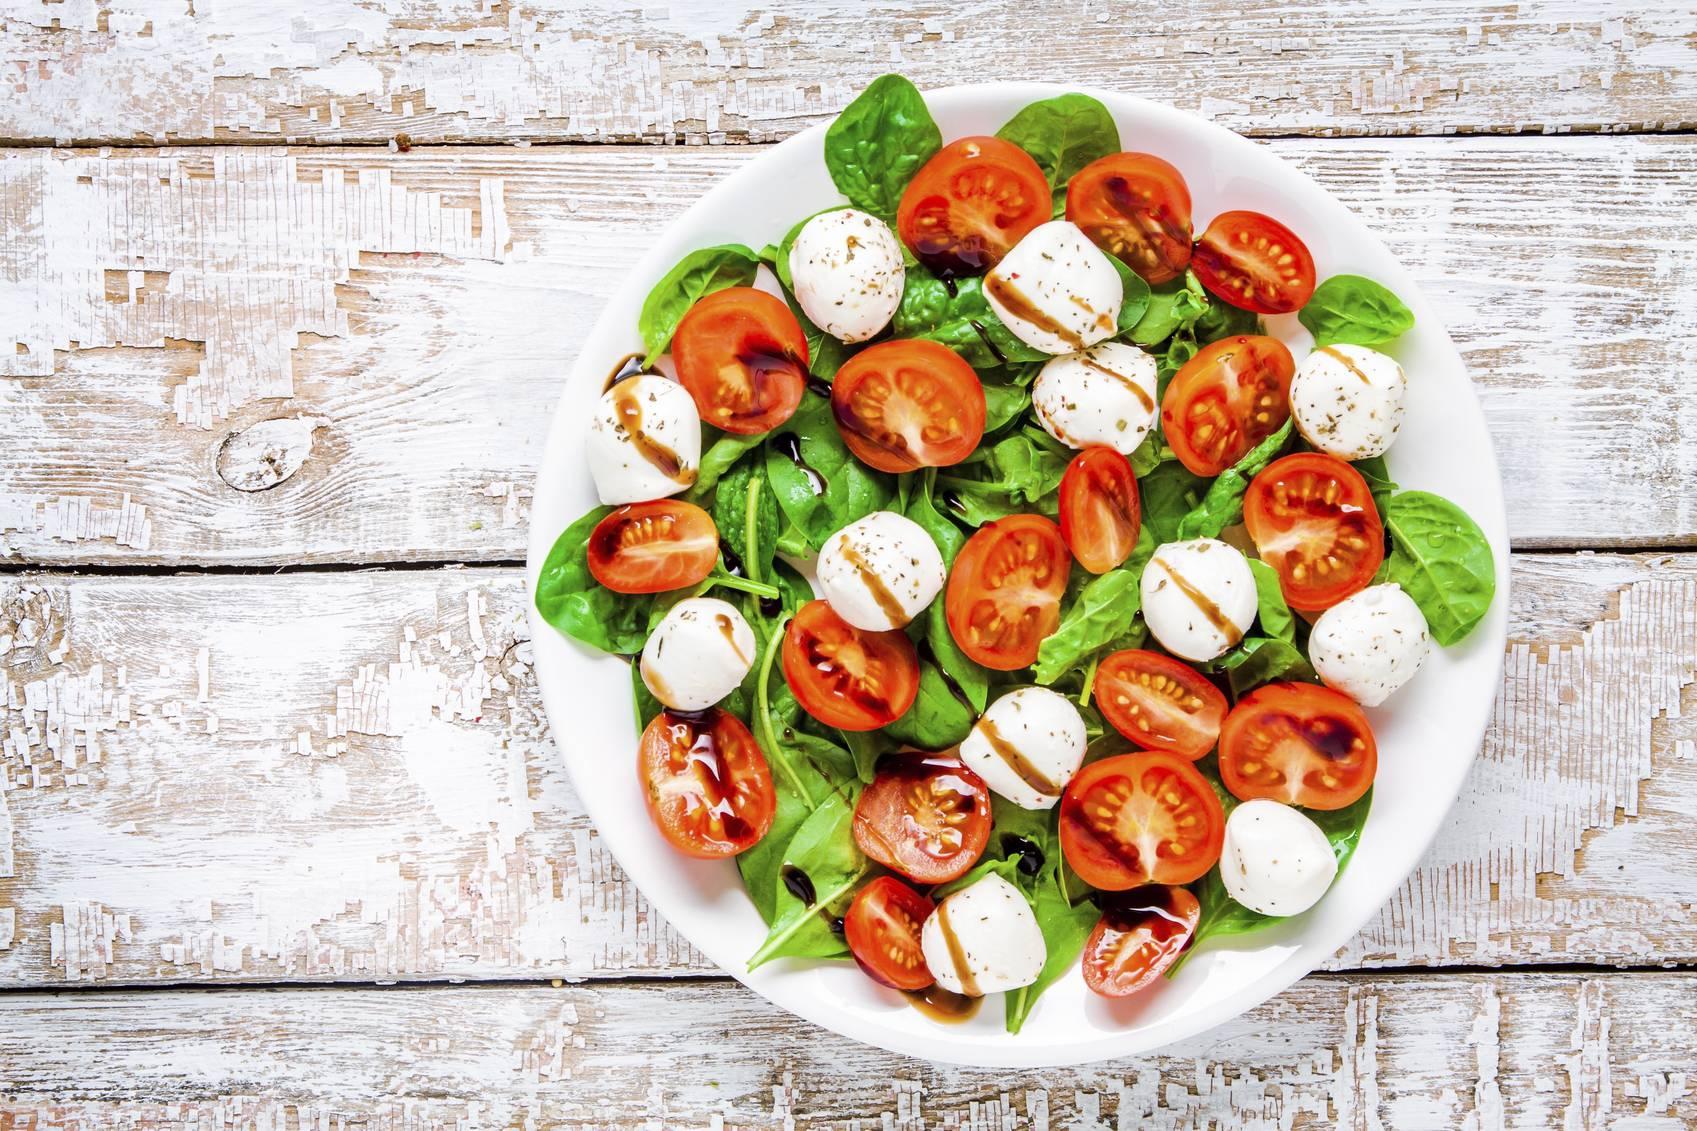 Insalata di pomodori, mozzarella e basilico, per un pranzo leggero e fresco